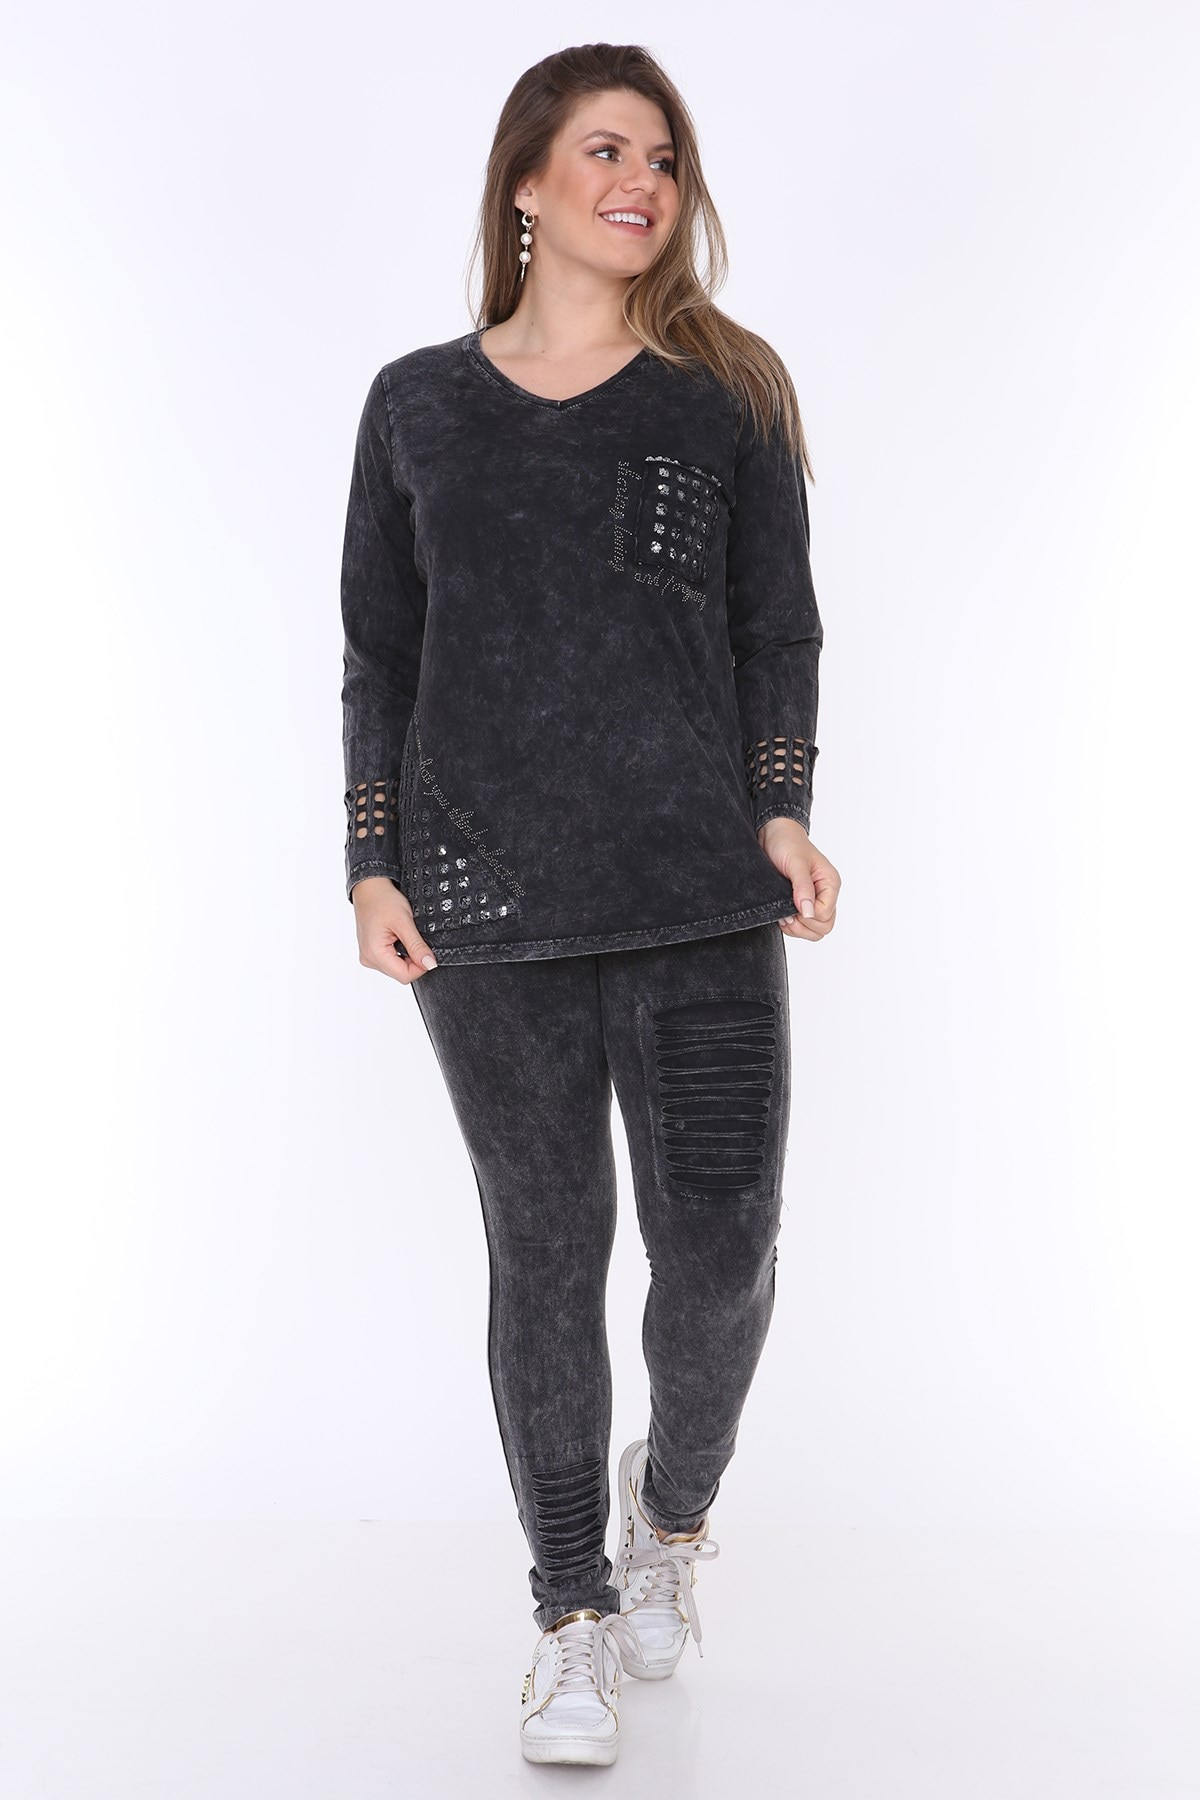 Plus Size Suit MJORA Black